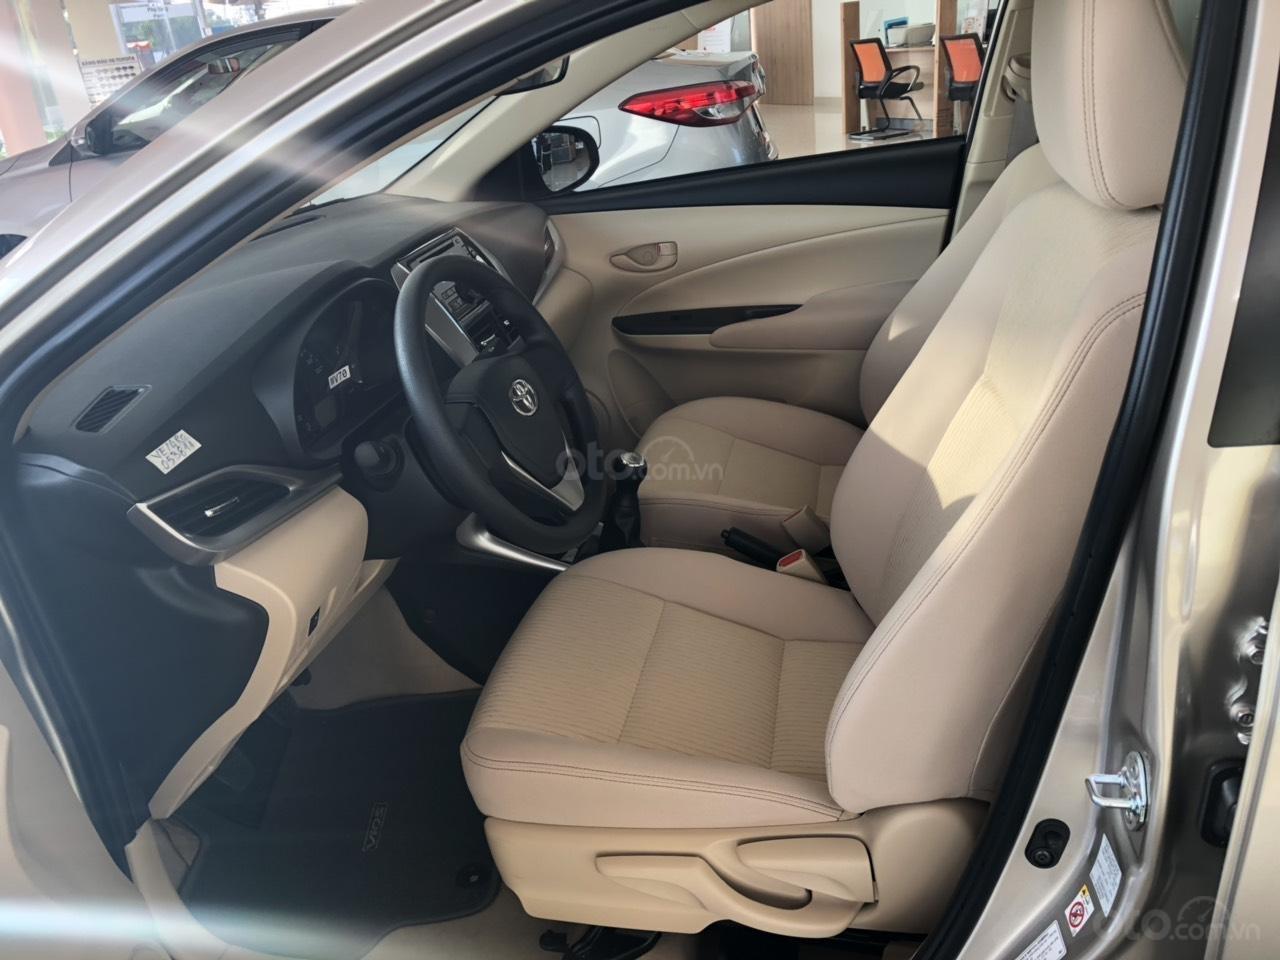 Toyota Vios 1.5E số sàn, màu nâu vàng, hỗ trợ vay 90%, đăng ký grab, thanh toán 130tr nhận xe - Toyota An Thành-3